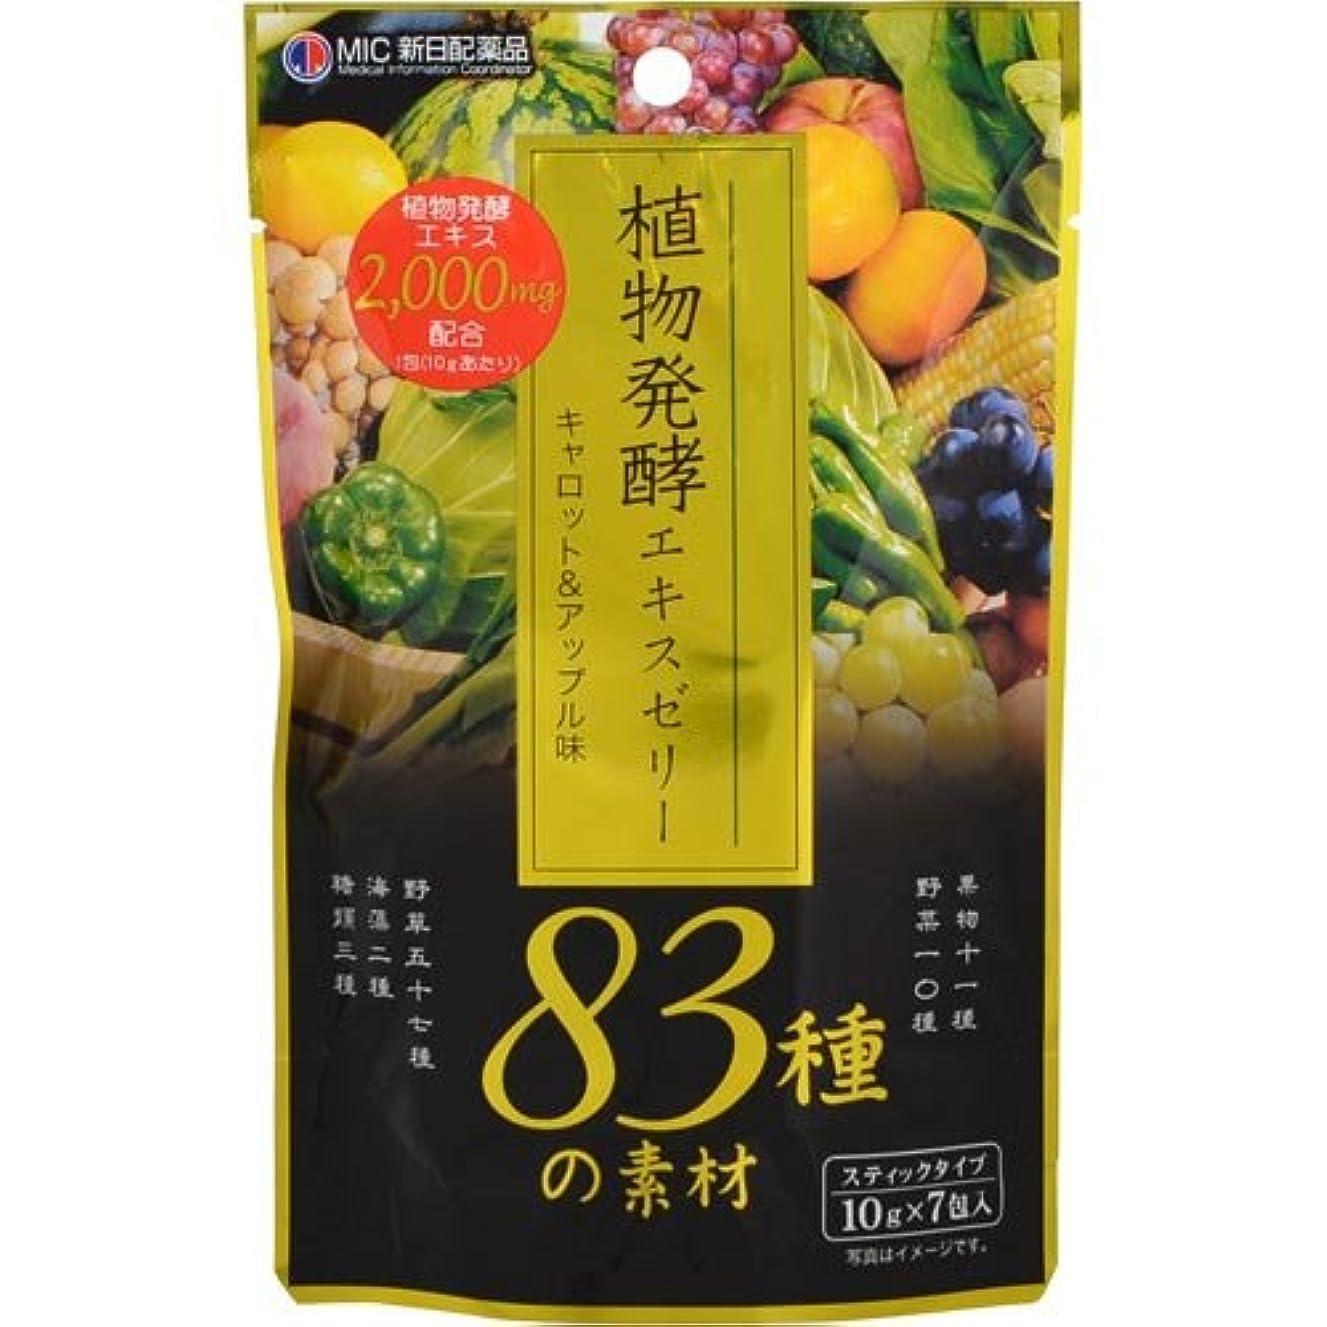 分泌する仕立て屋趣味植物醗酵エキスゼリー キャロット&アップル味 10g×7包